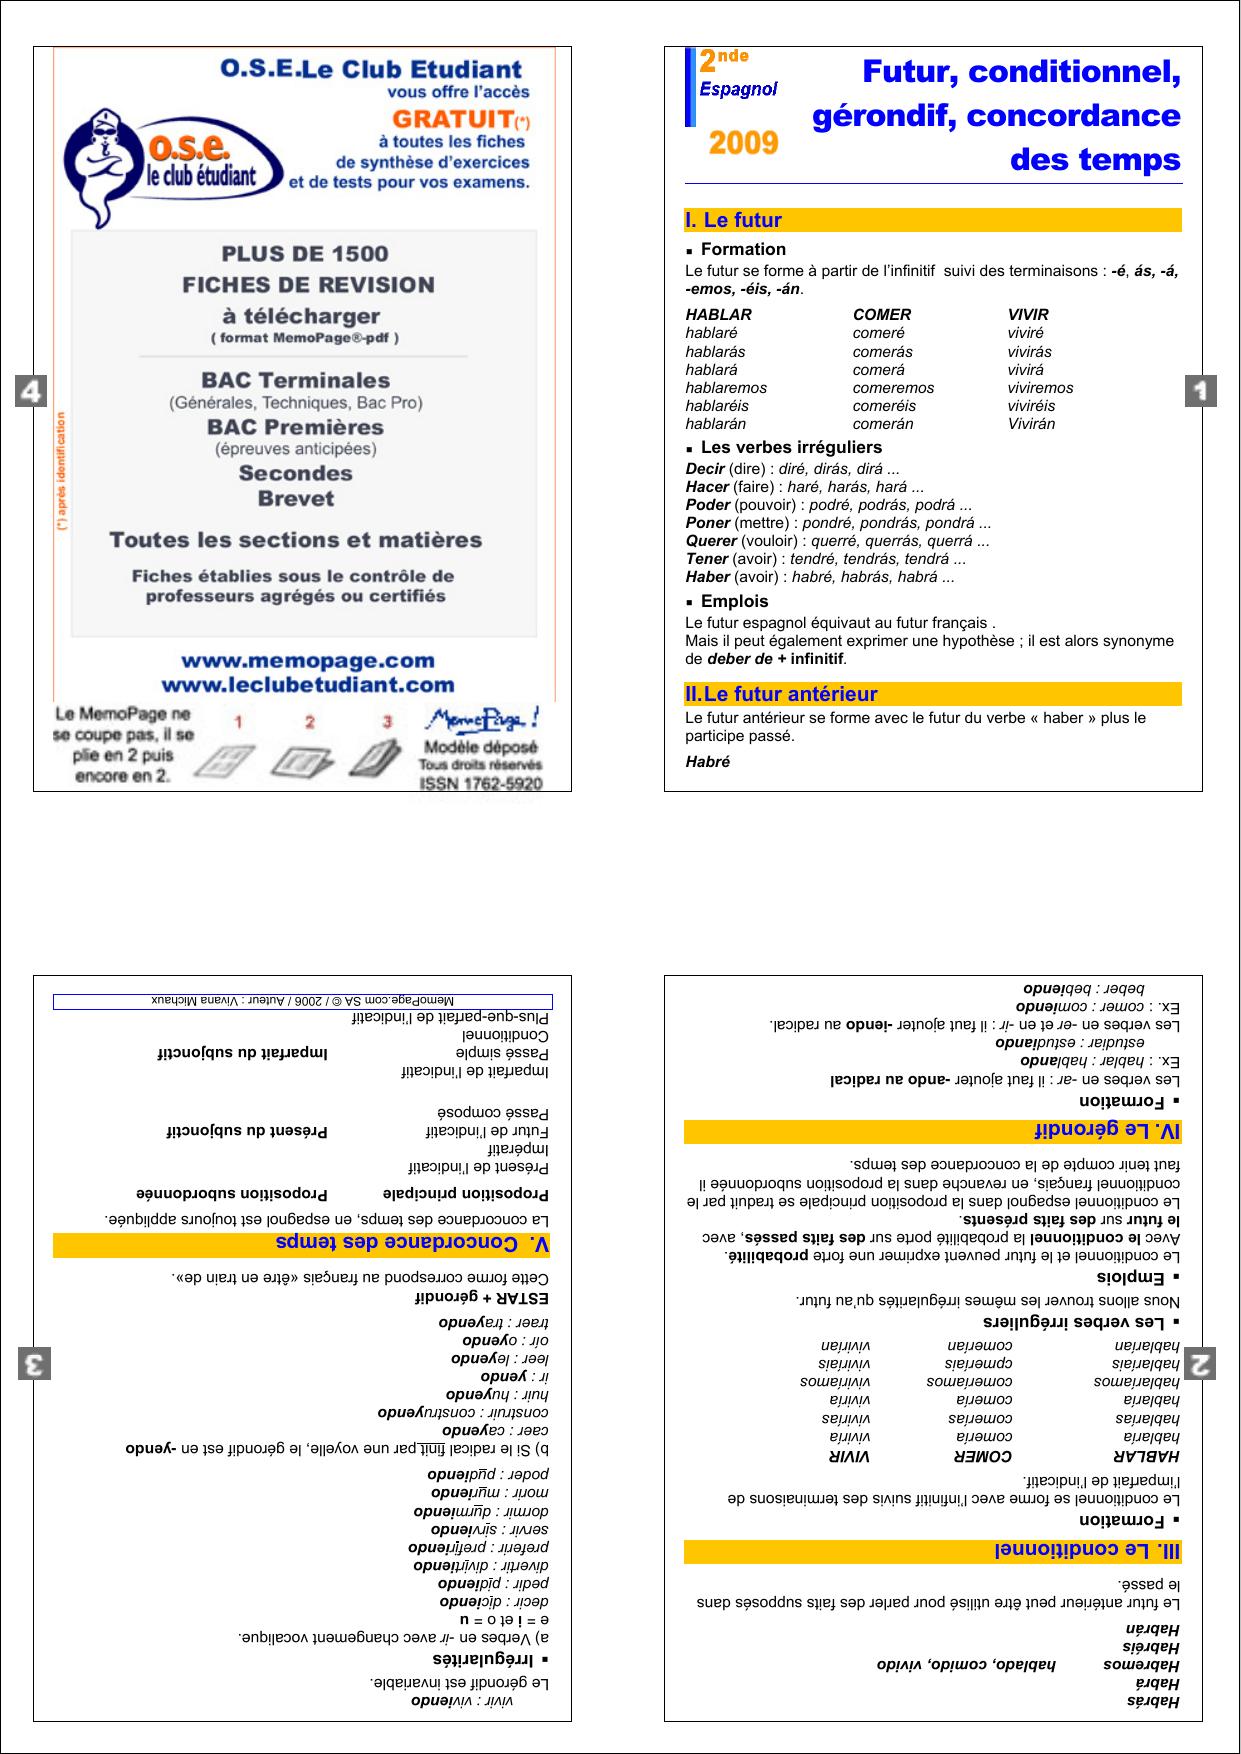 La Concordance Des Temps En Espagnol : concordance, temps, espagnol, Futur,, Conditionnel,, Gérondif,, Concordance, Temps